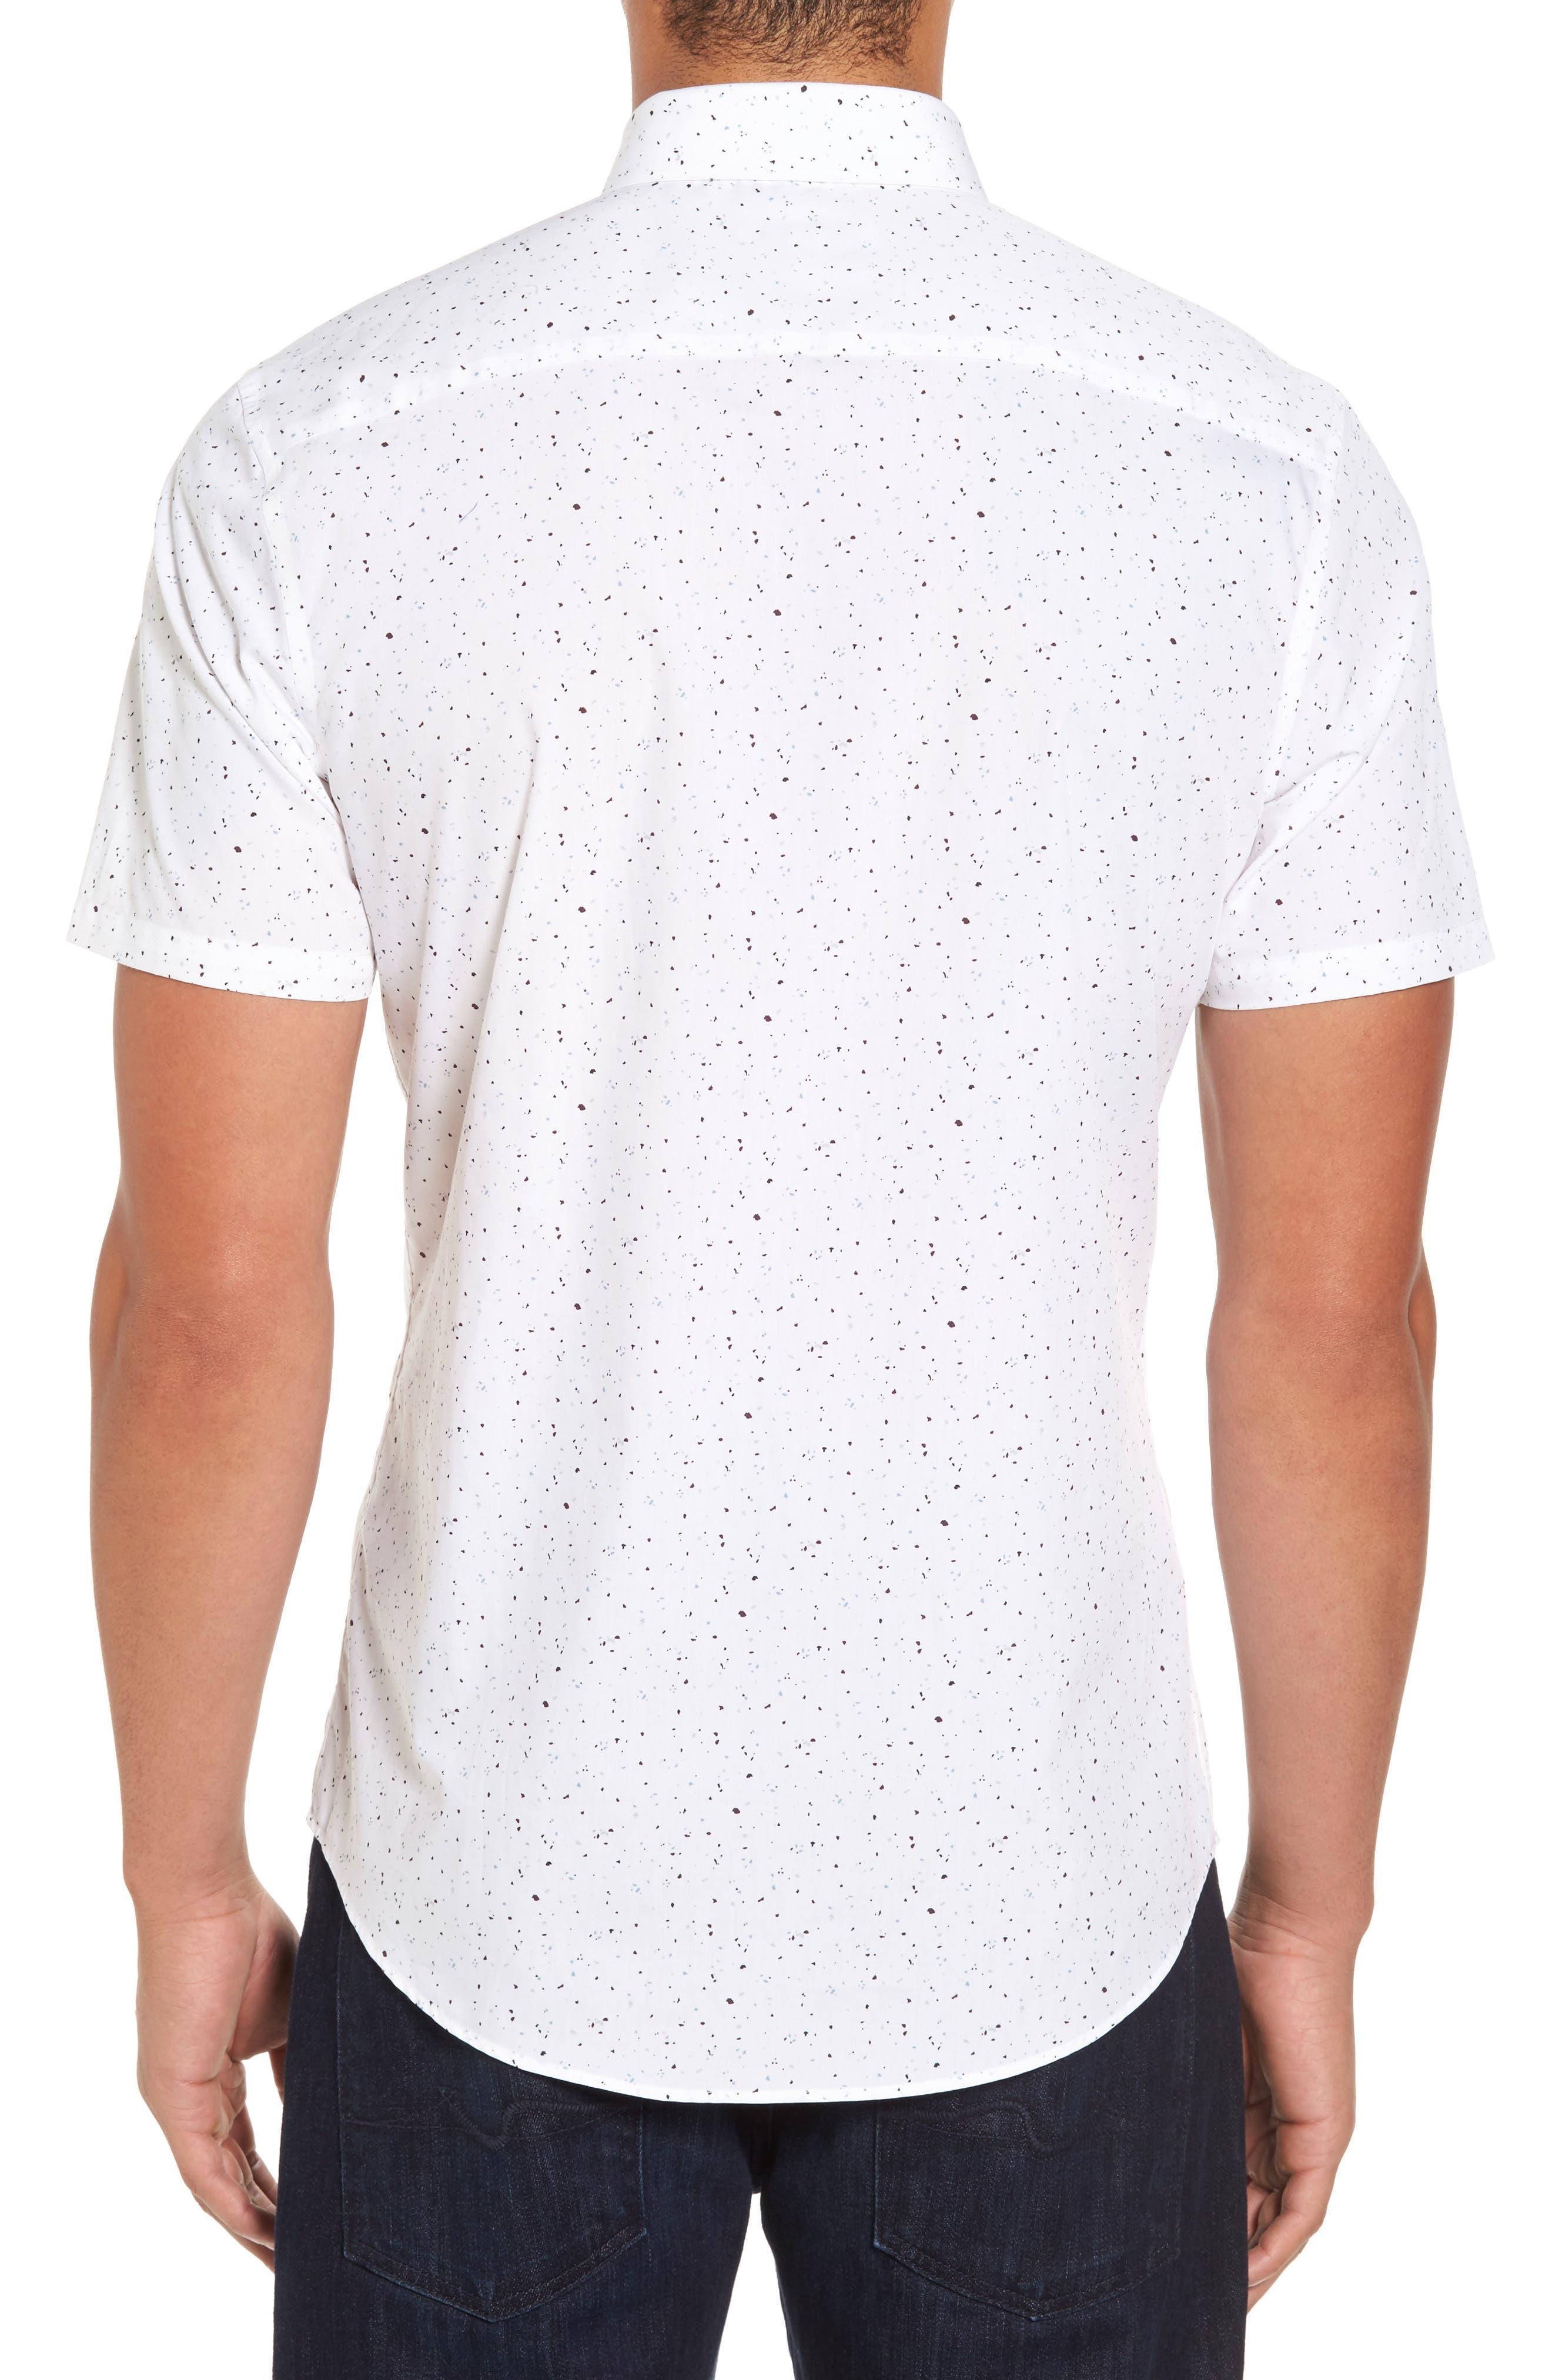 Speckle Print Sport Shirt,                             Alternate thumbnail 2, color,                             White Plum Splatter Print